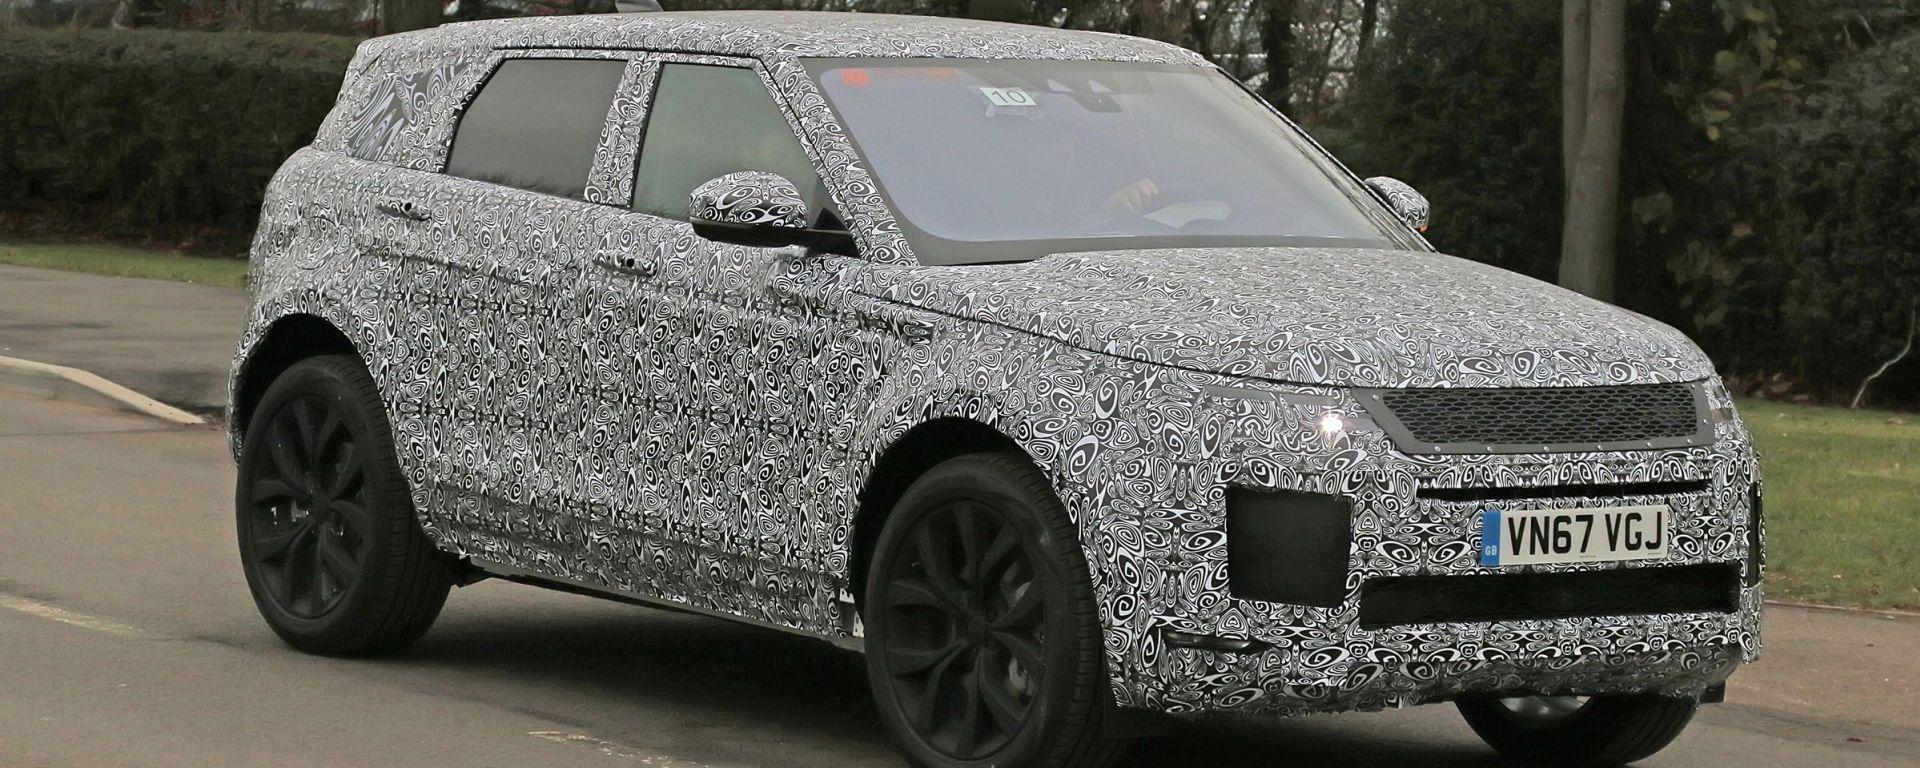 Nuova Range Rover Evoque 2019 Quando Esce Come Cambia